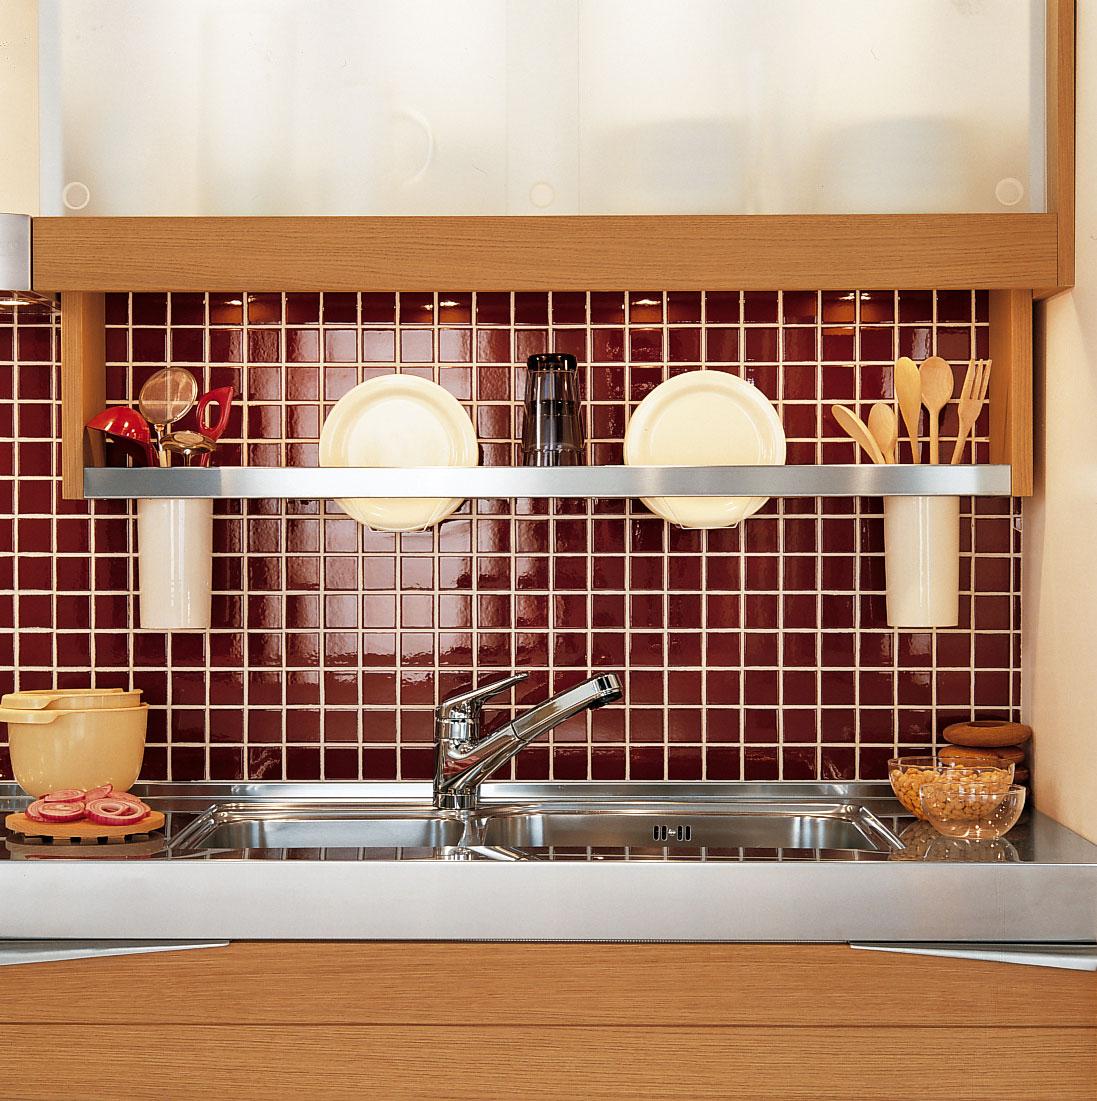 Современный дизайн кухонного гарнитура: бордовая квадратная плитка